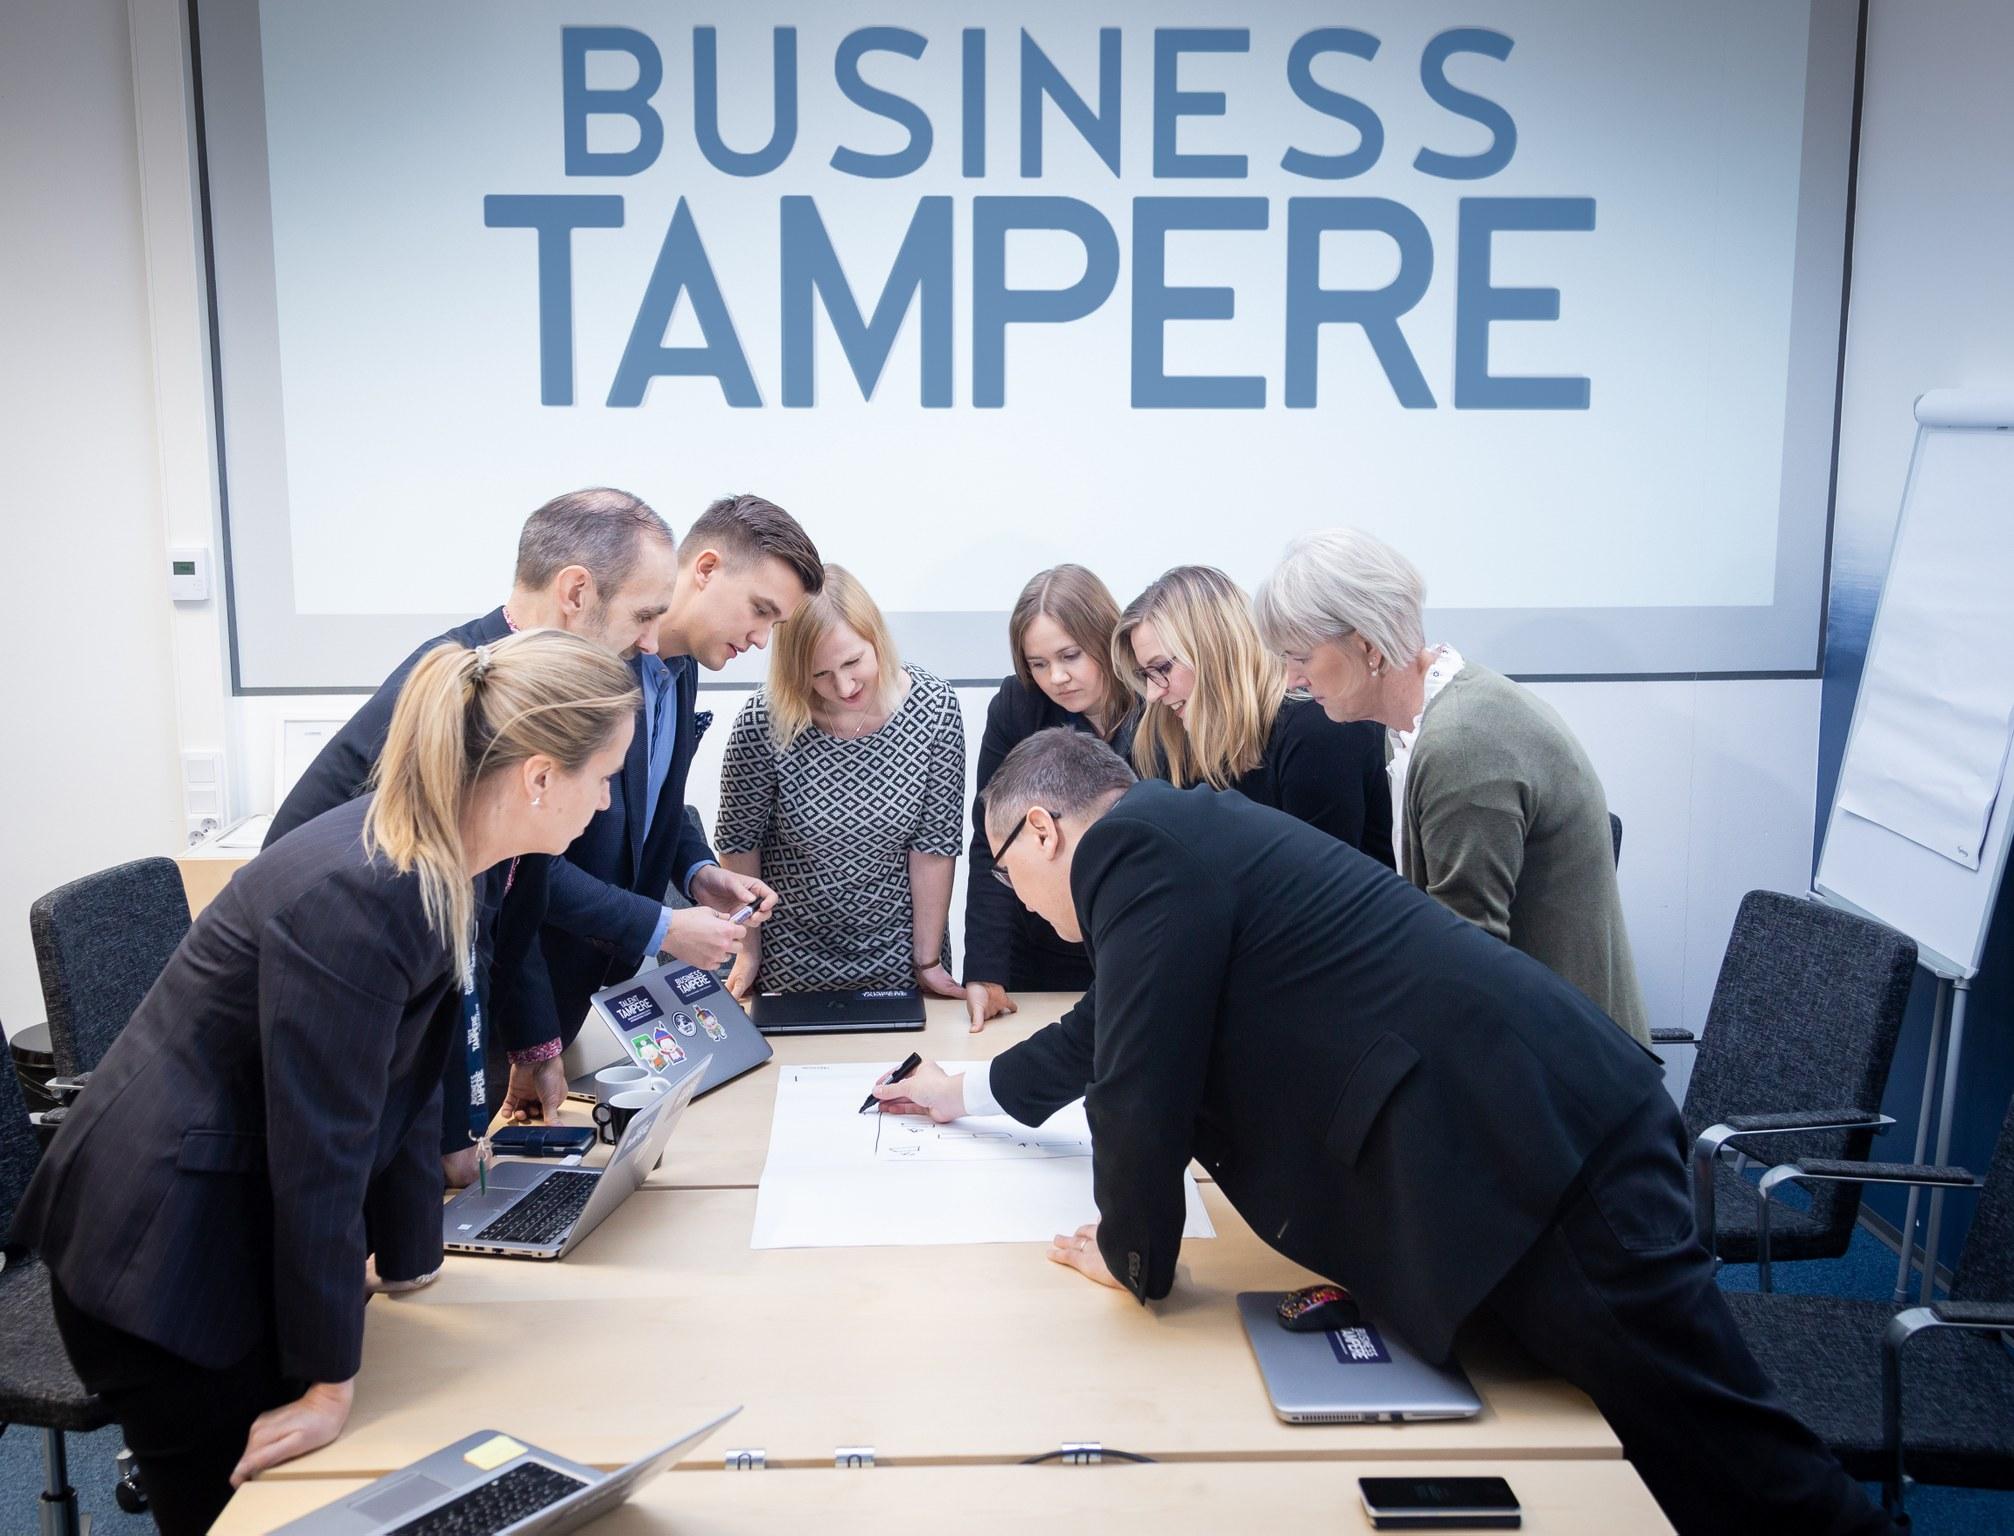 Business Tampere Kuvituskuva Mirella Mellonmaa 4 1